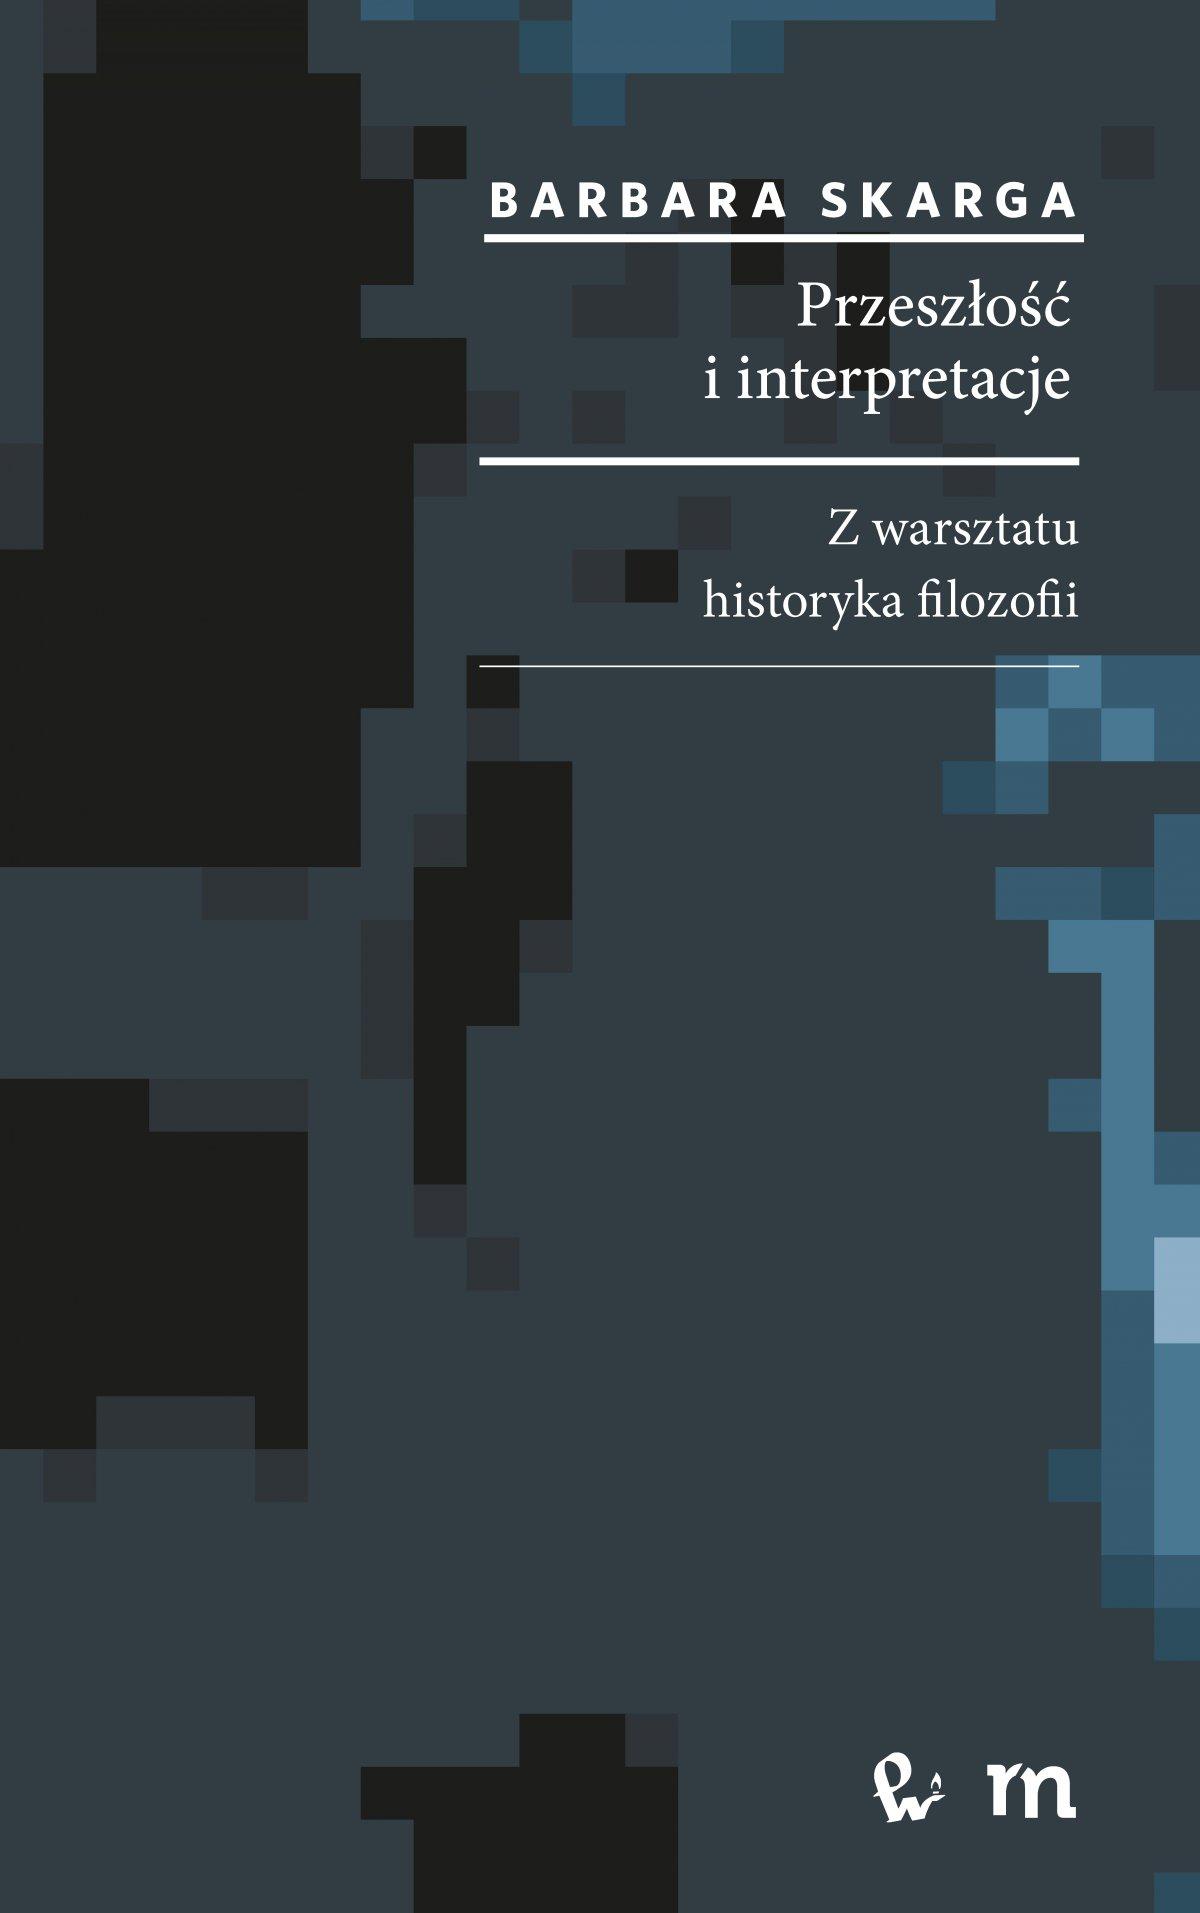 Przeszłość i interpretacje - Ebook (Książka na Kindle) do pobrania w formacie MOBI